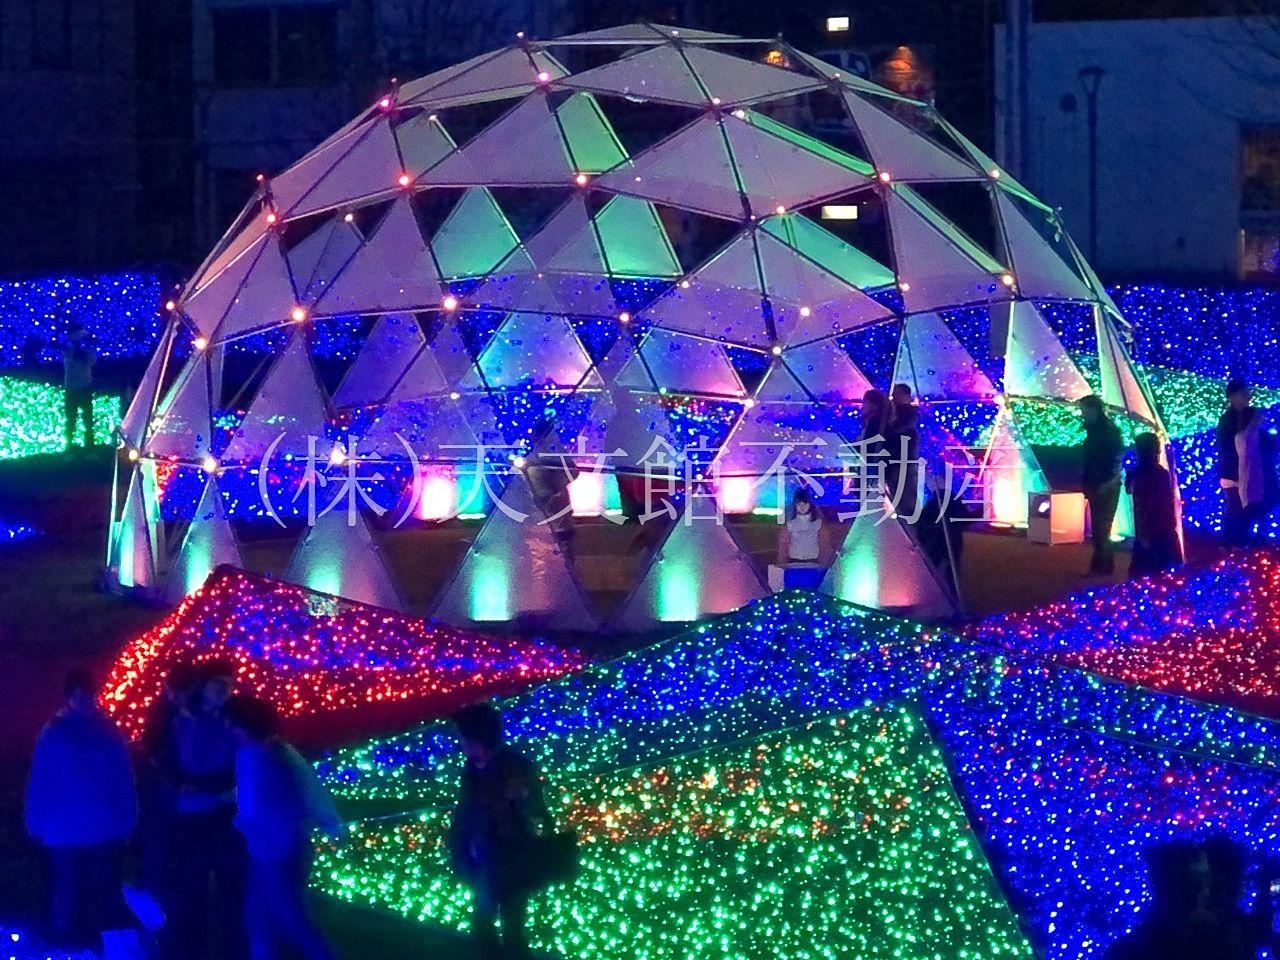 鹿児島市千日町天文館公園ミリオネーションドーム